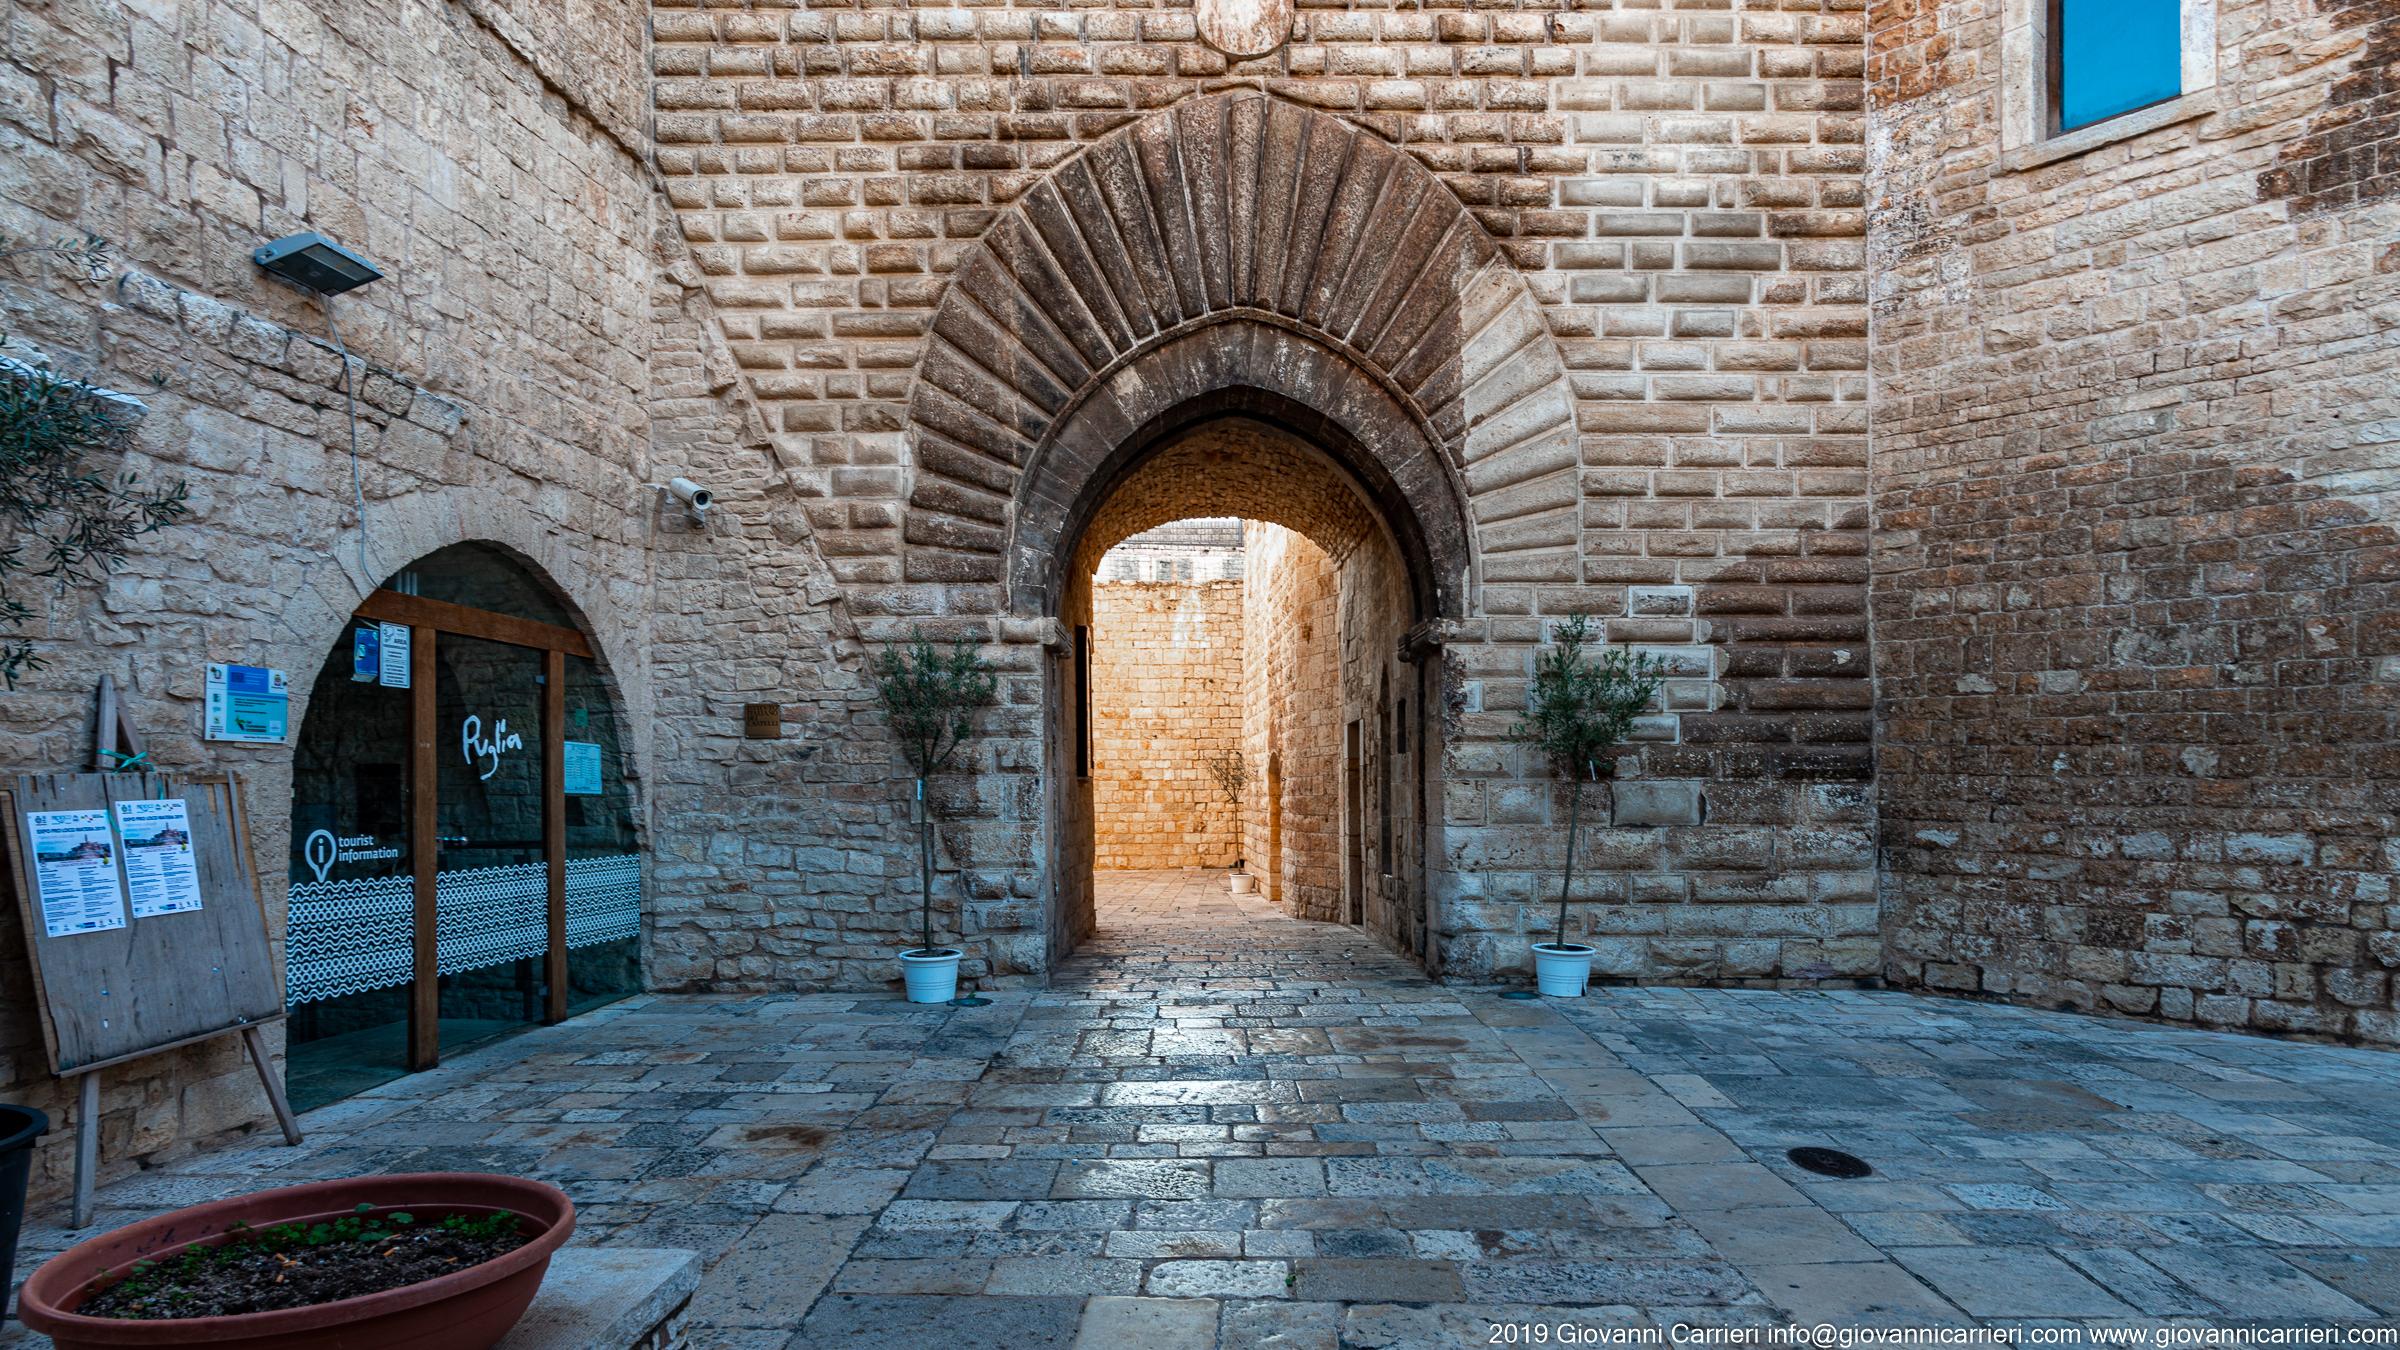 Il portale d'ingresso all'atrio